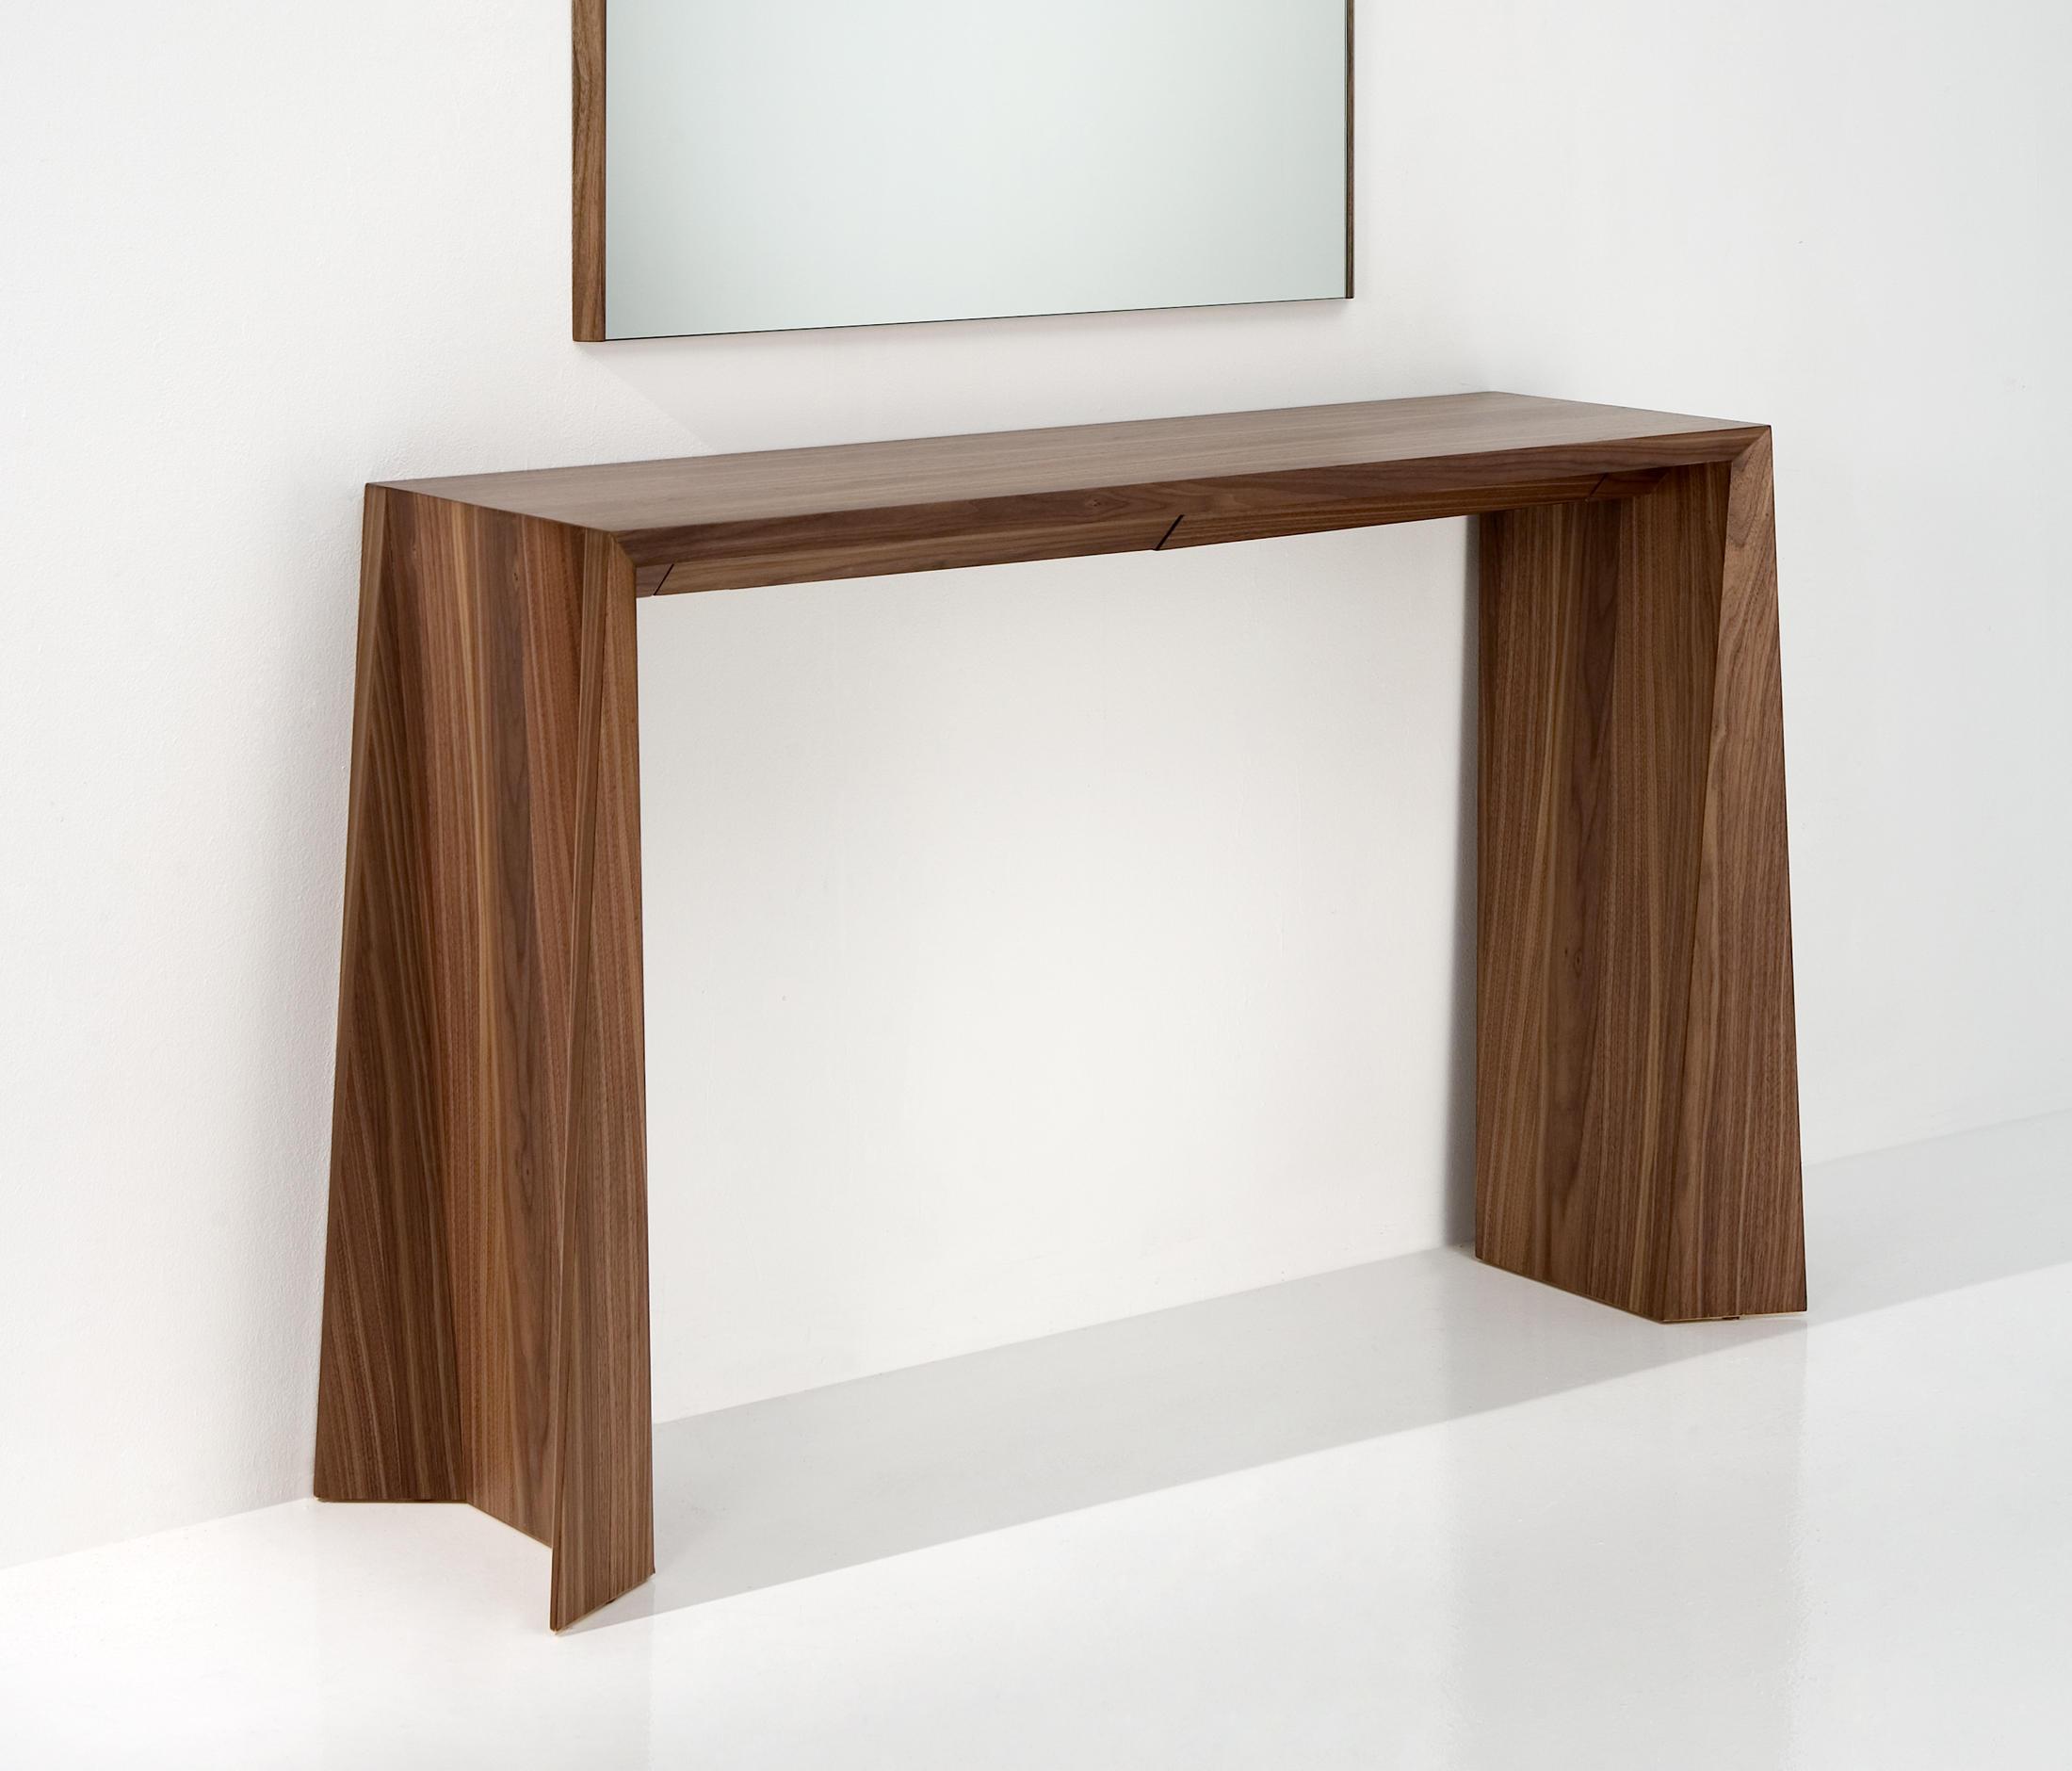 naruk consola estantes repisas de kendo mobiliario